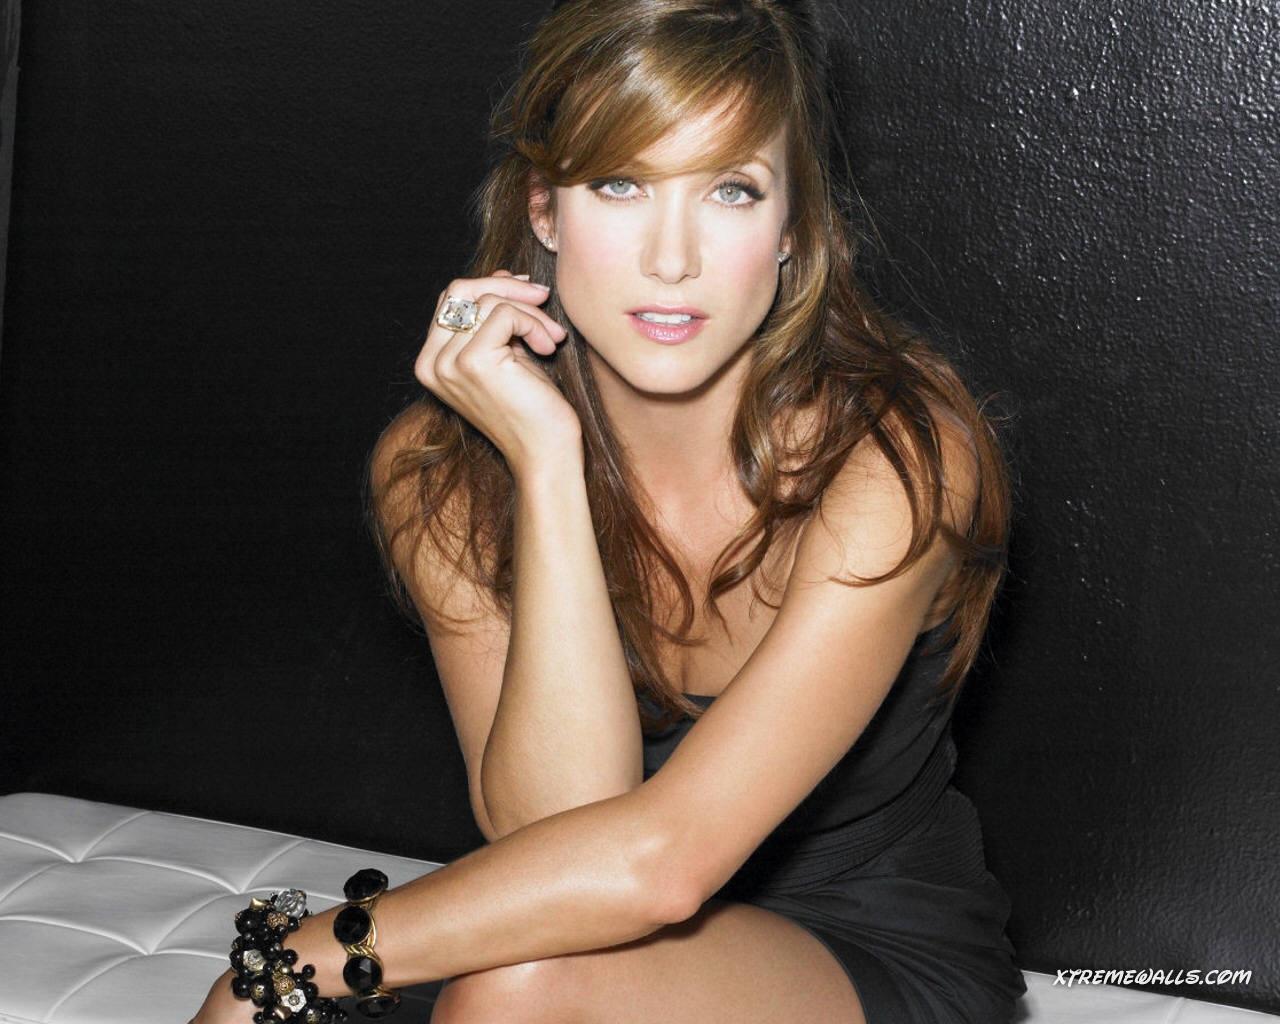 http://1.bp.blogspot.com/-0J53C1G3A2s/UTiRr7cDy6I/AAAAAAAAN4Q/3D3IUUe__sk/s1600/Kate+Walsh4.jpg